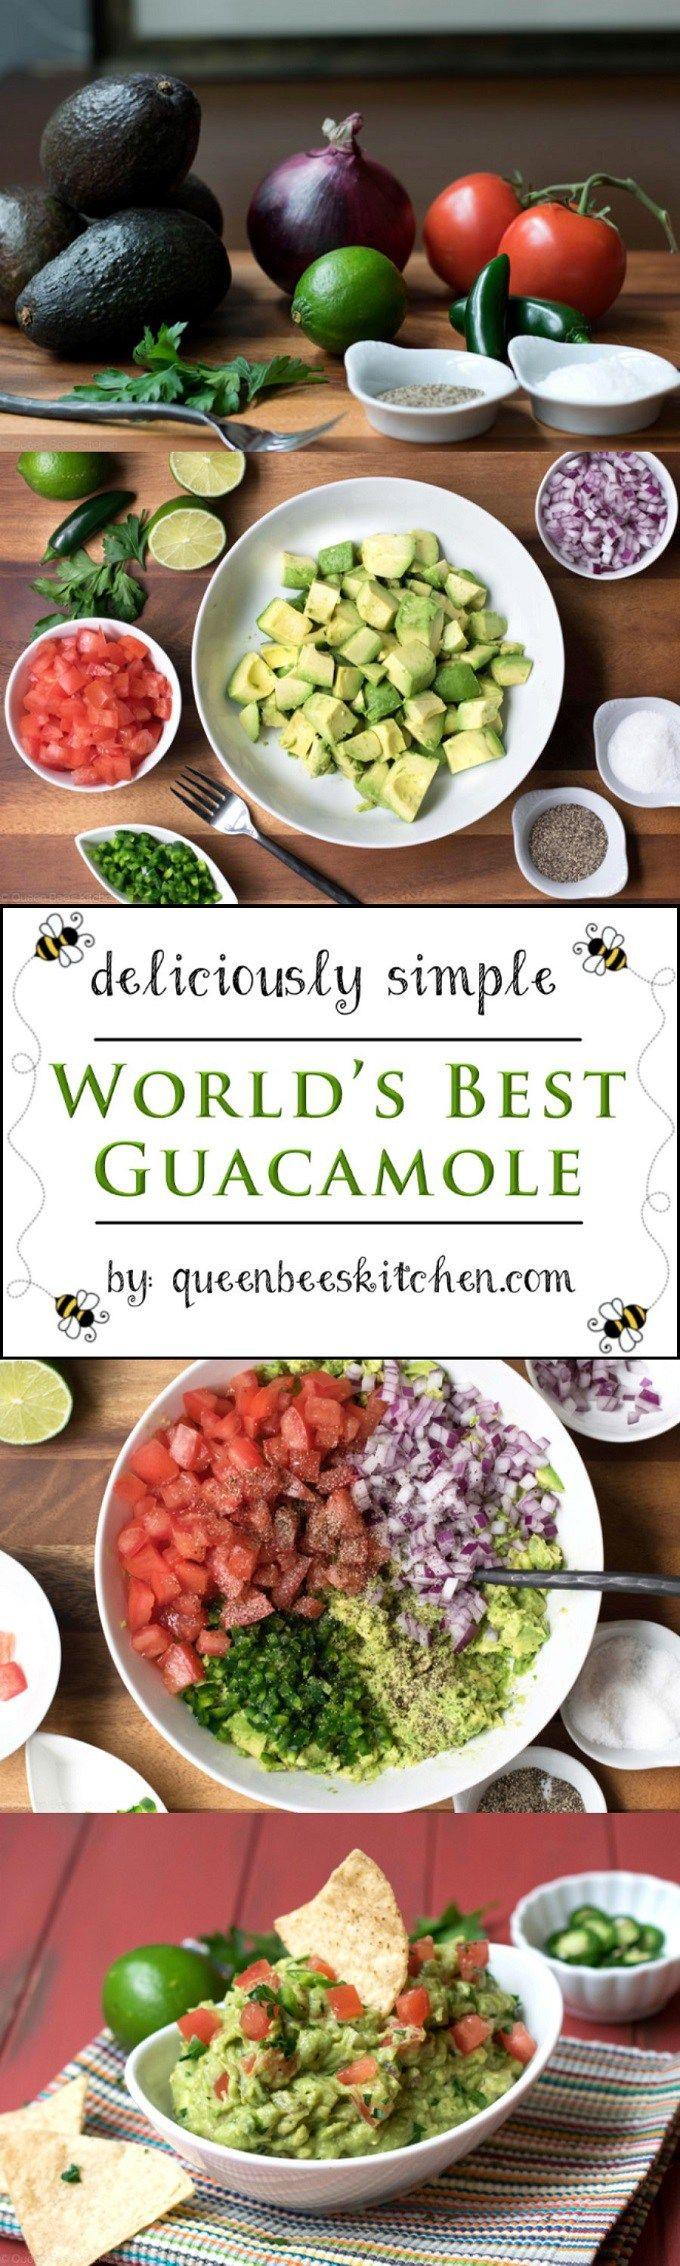 Guacamole start to finish